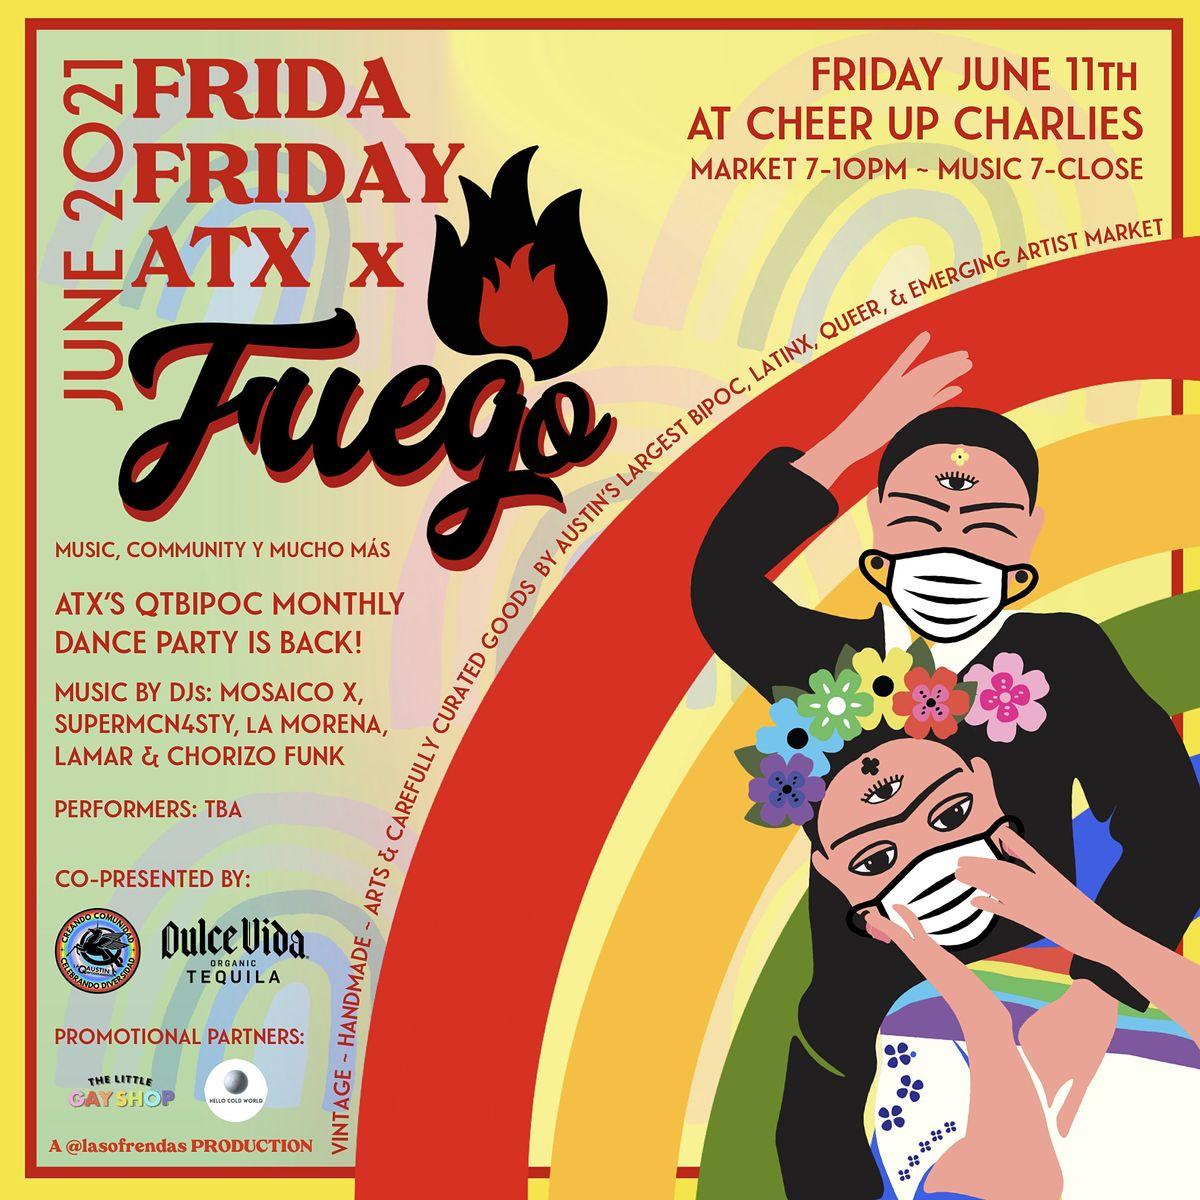 Frida Friday ATX @ Cheer Up Charlies